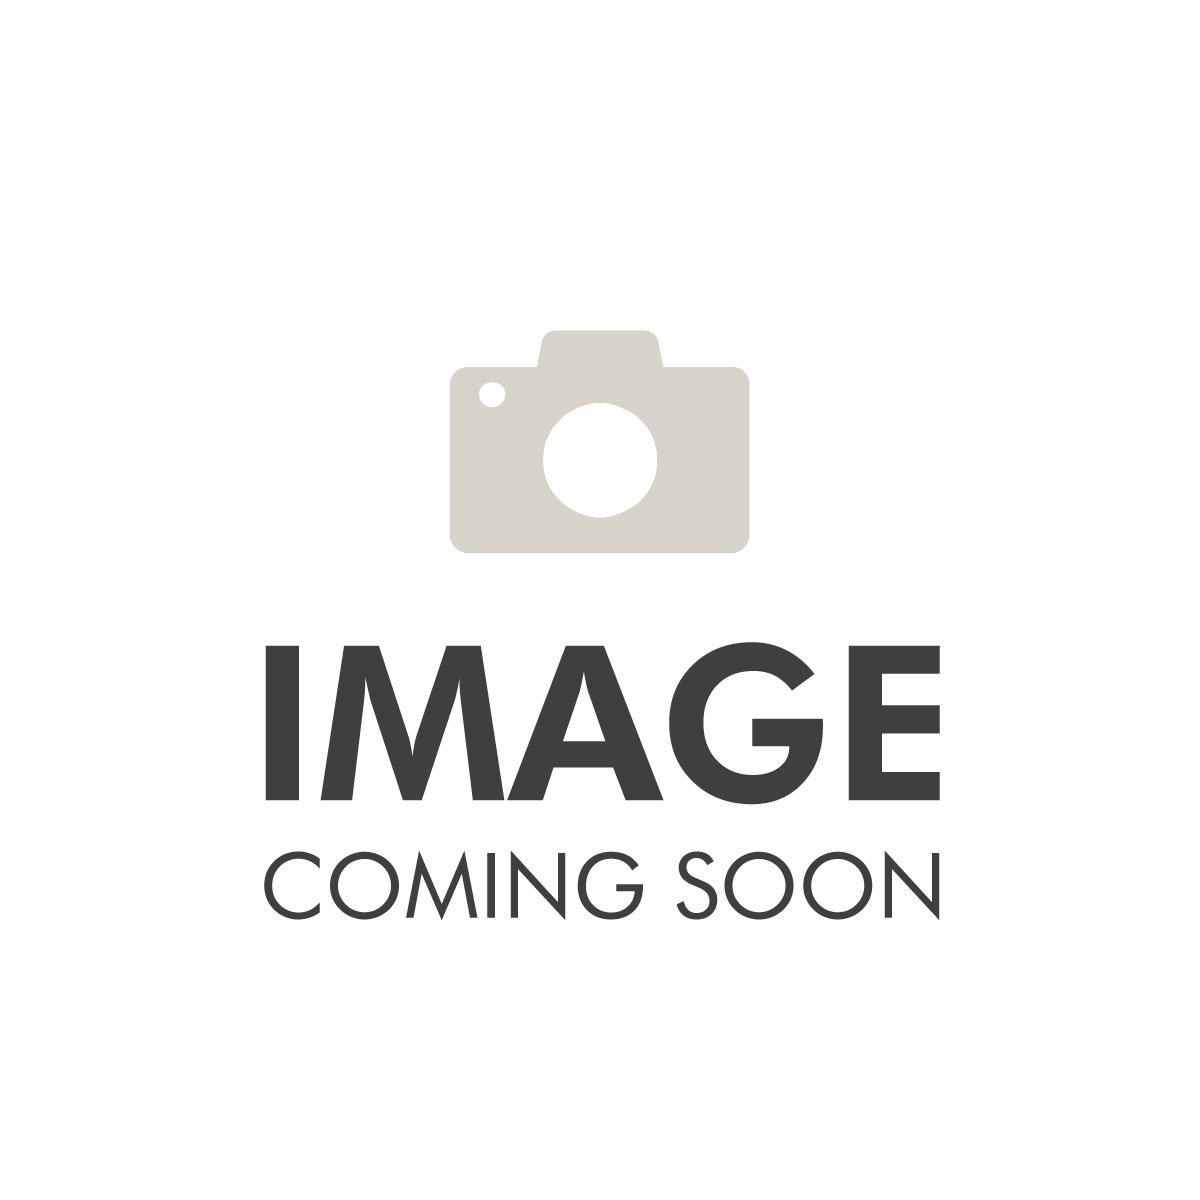 PBT - Poignée Isolée - Visconti - Modèle N